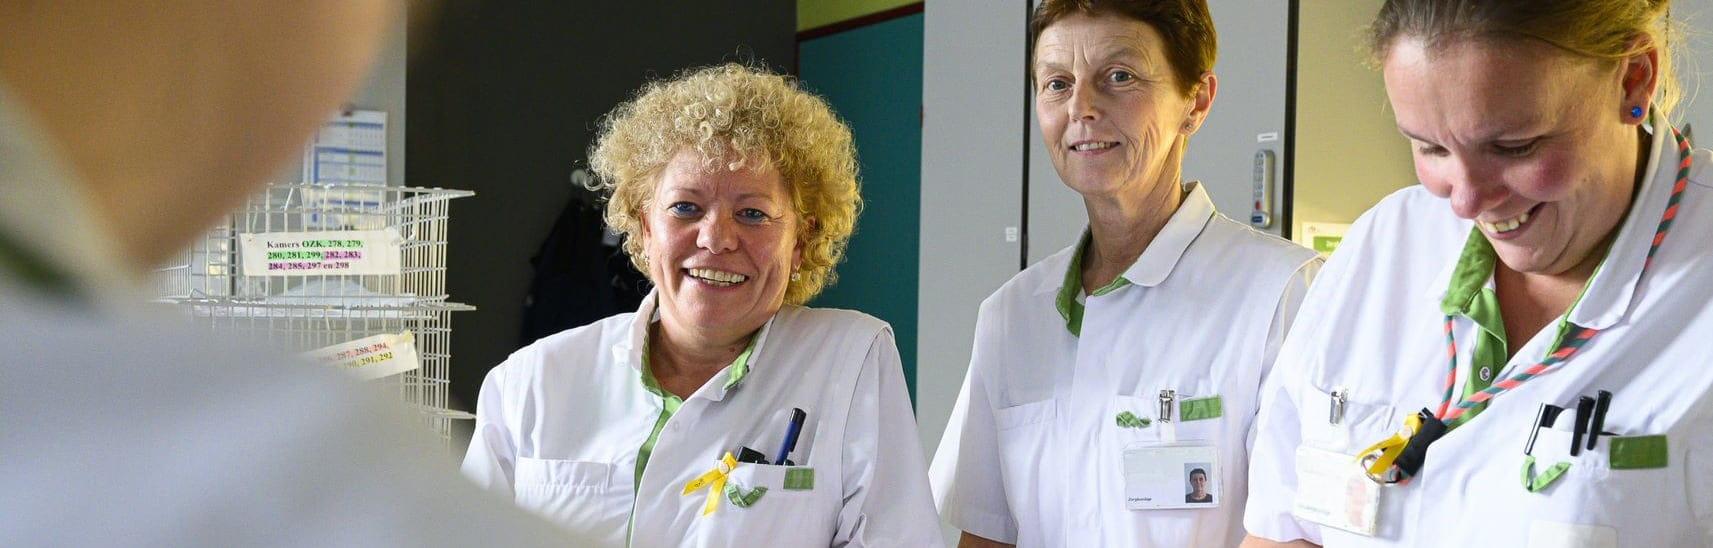 Verpleegkundige geriatrie